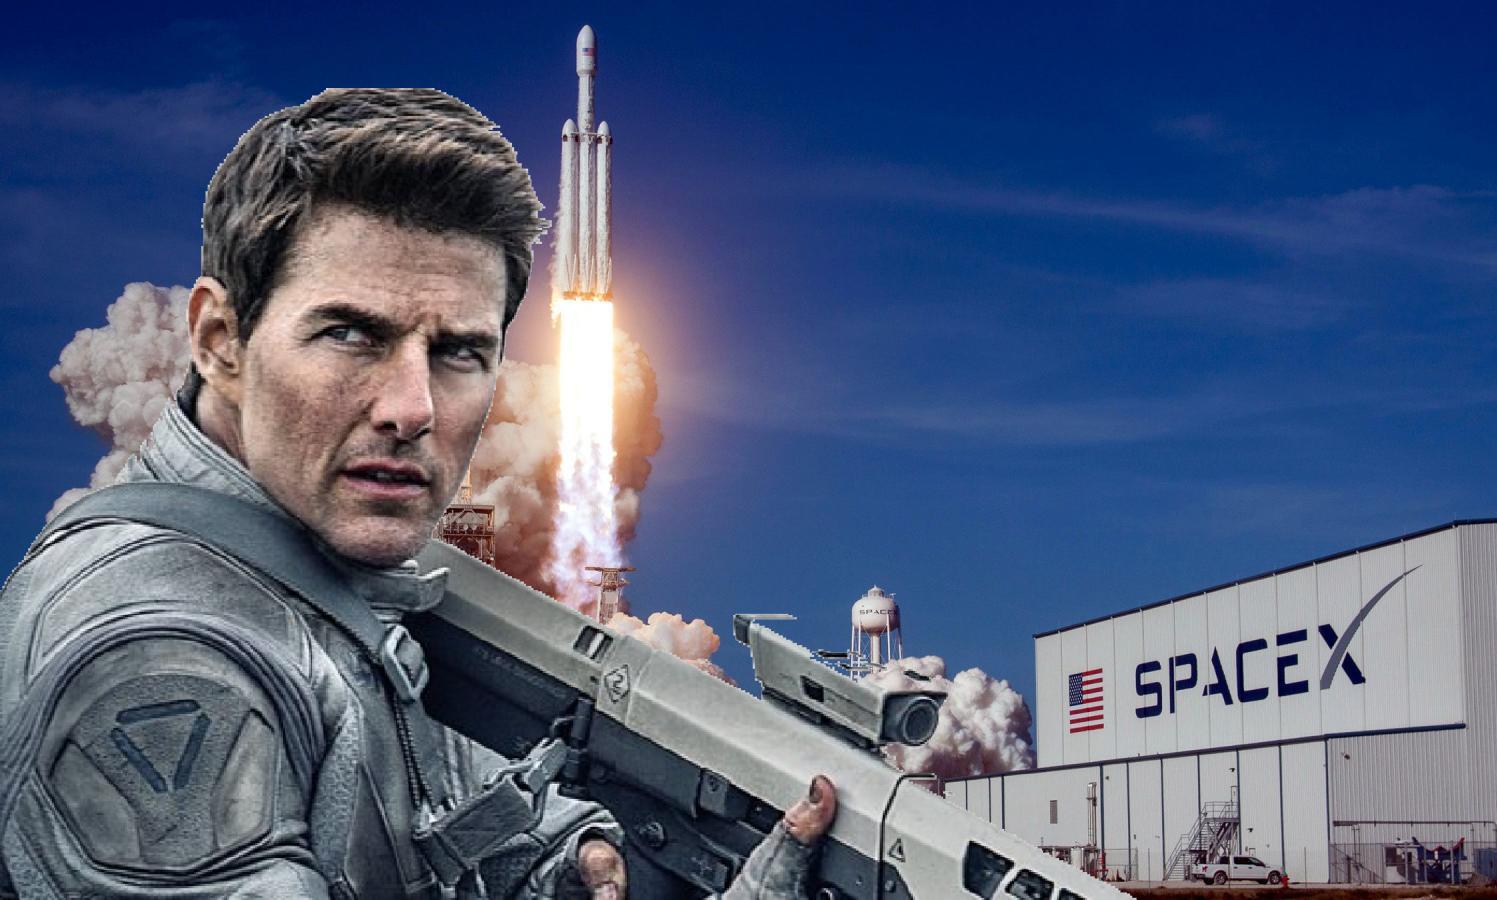 Inédito: Tom Cruise filmará película en el espacio con SpaceX y NASA